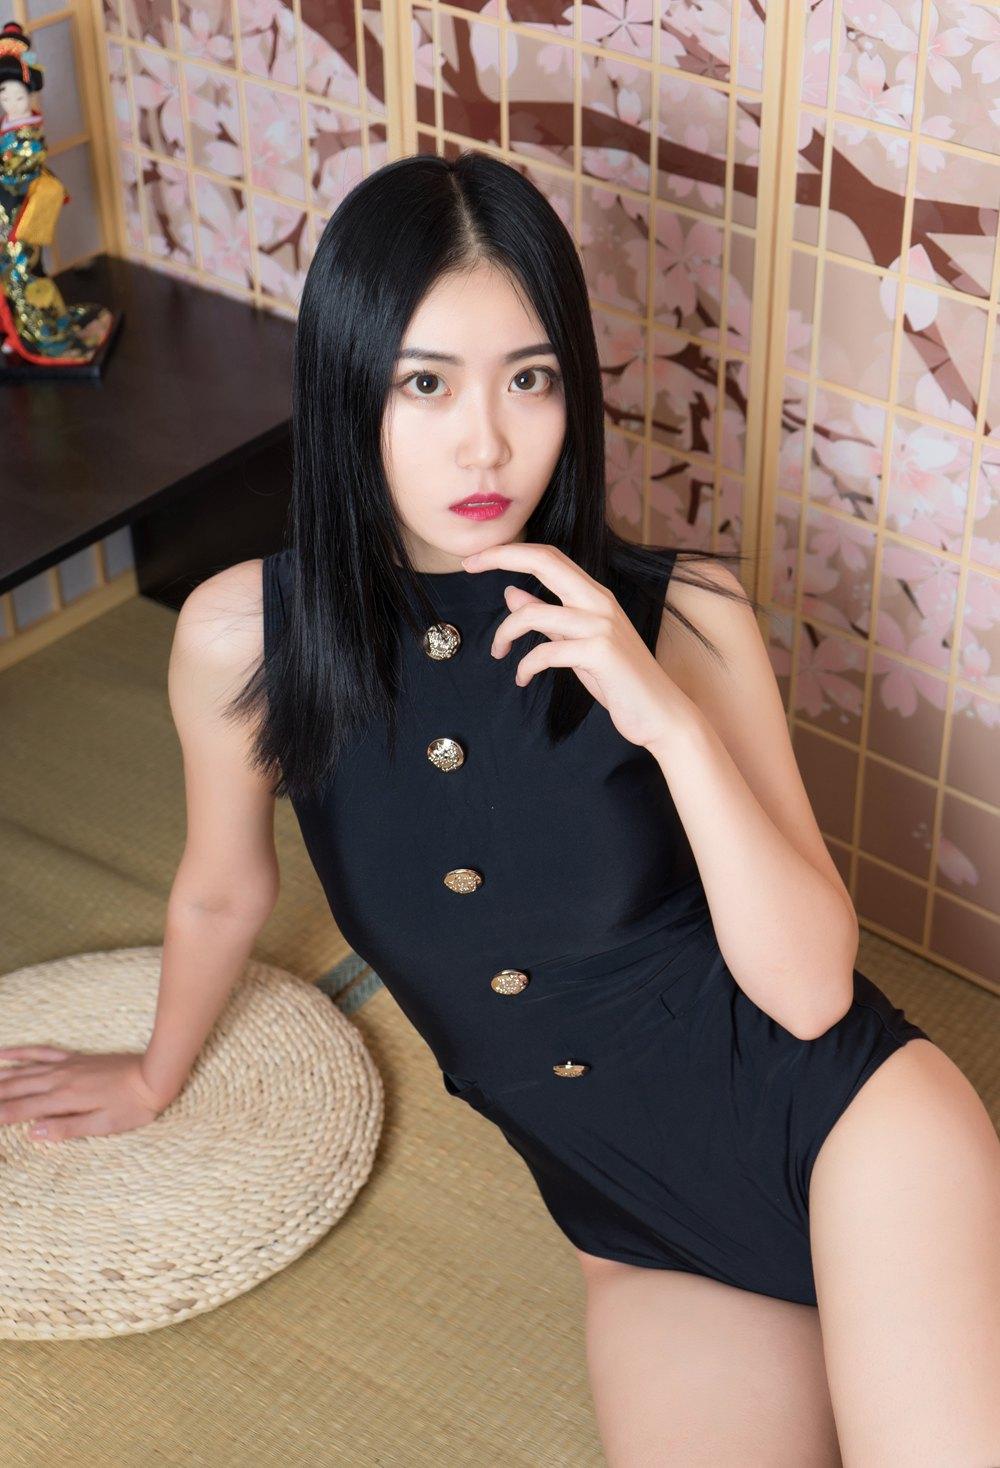 [喵糖映画] VOL.079 黑色制服的少女 [39P] -第1张